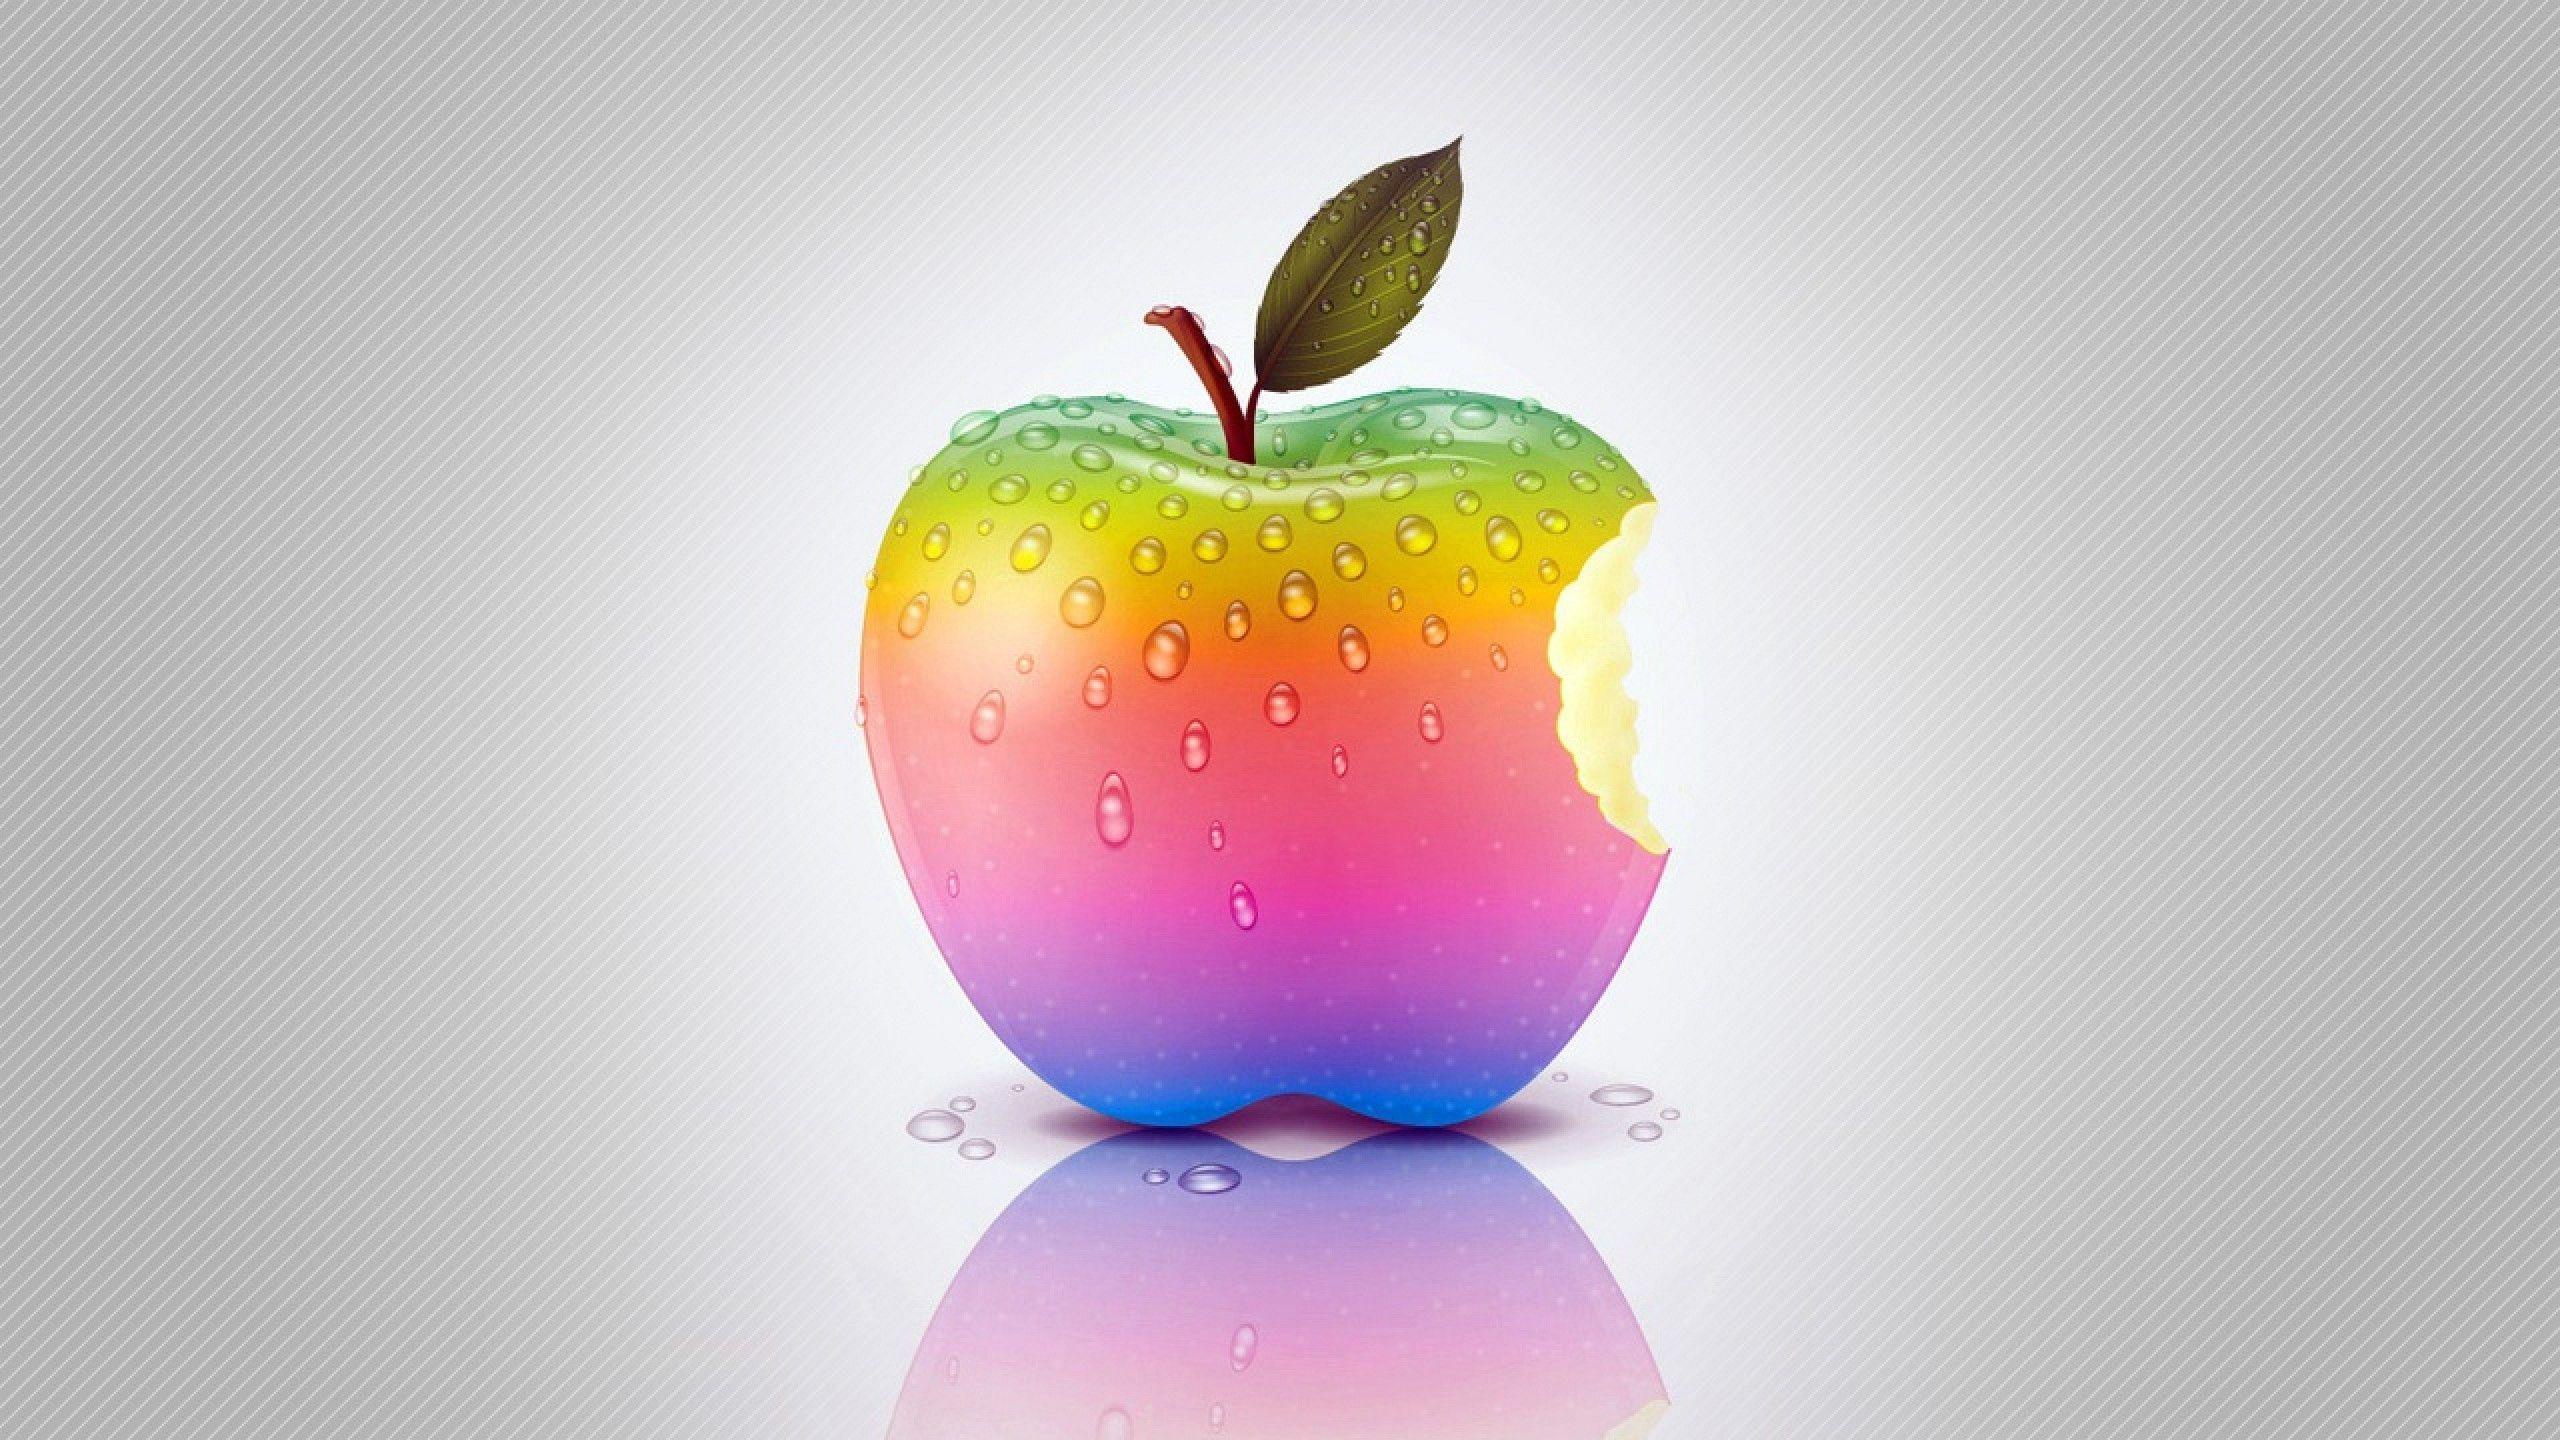 Epingle Par Nathalie Meyers Sur Apple Fond D Ecran Telephone Fond Ecran Apple Fond Ecran